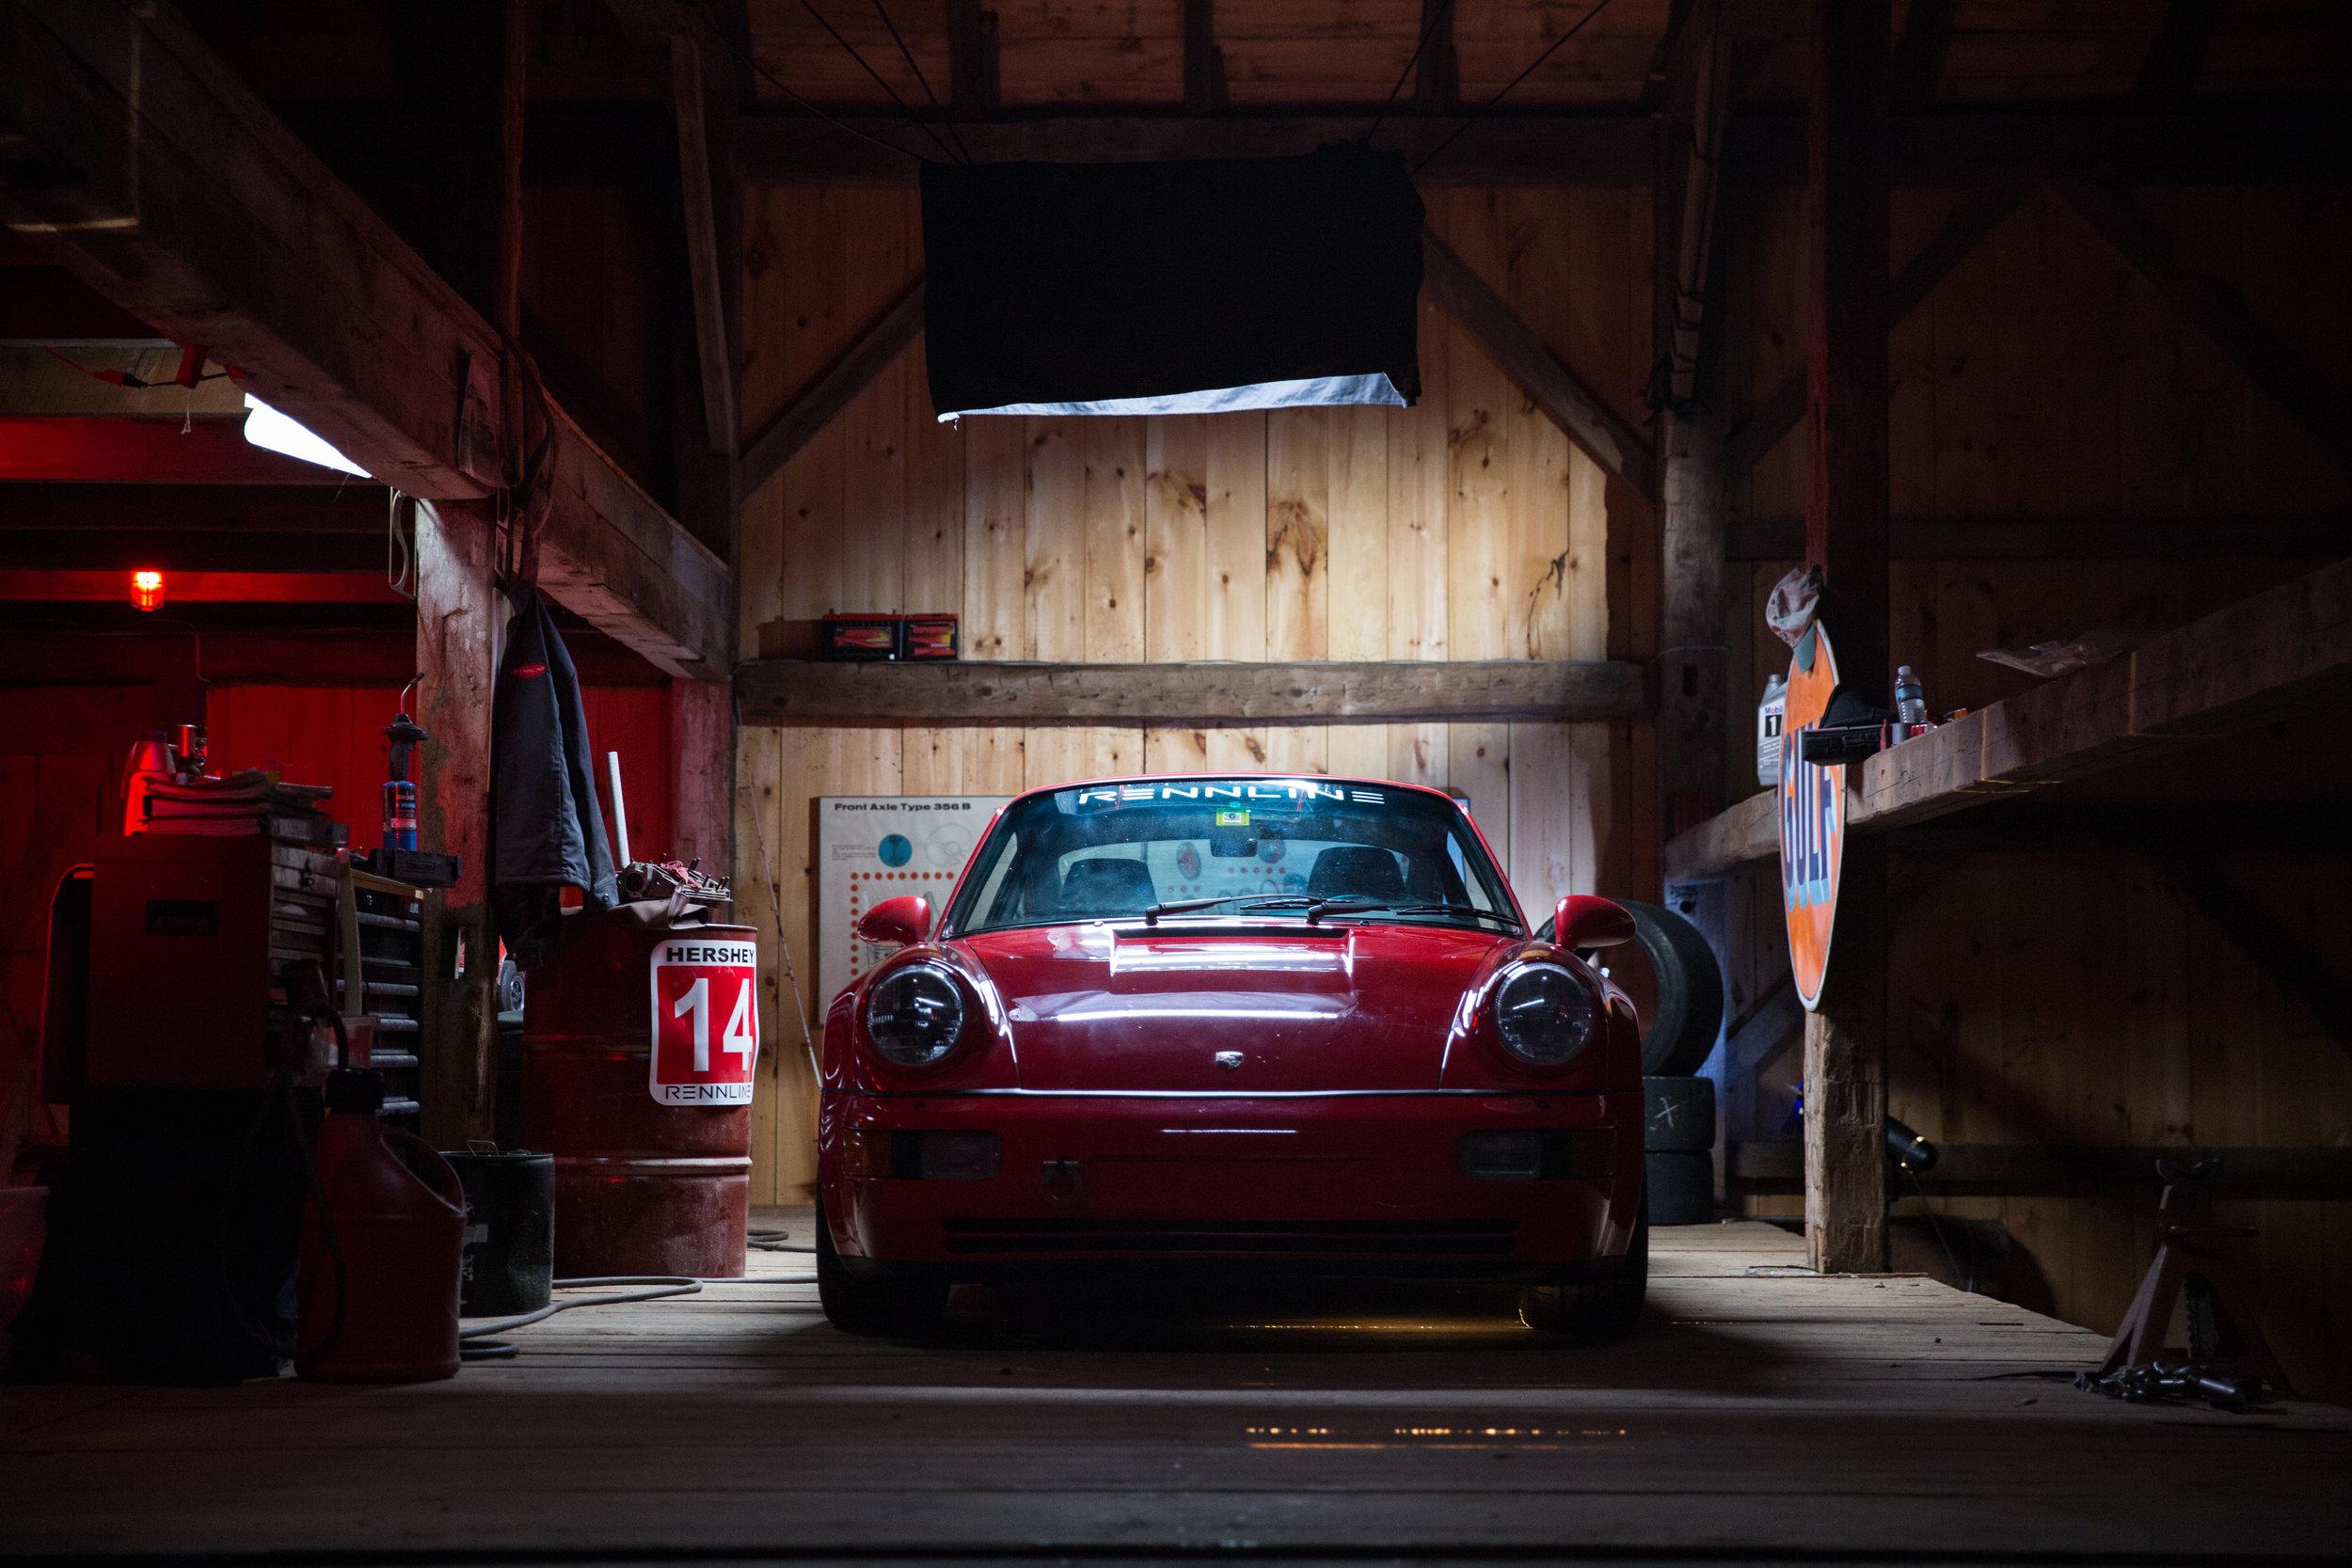 Rennline-Porsche-7088.jpg